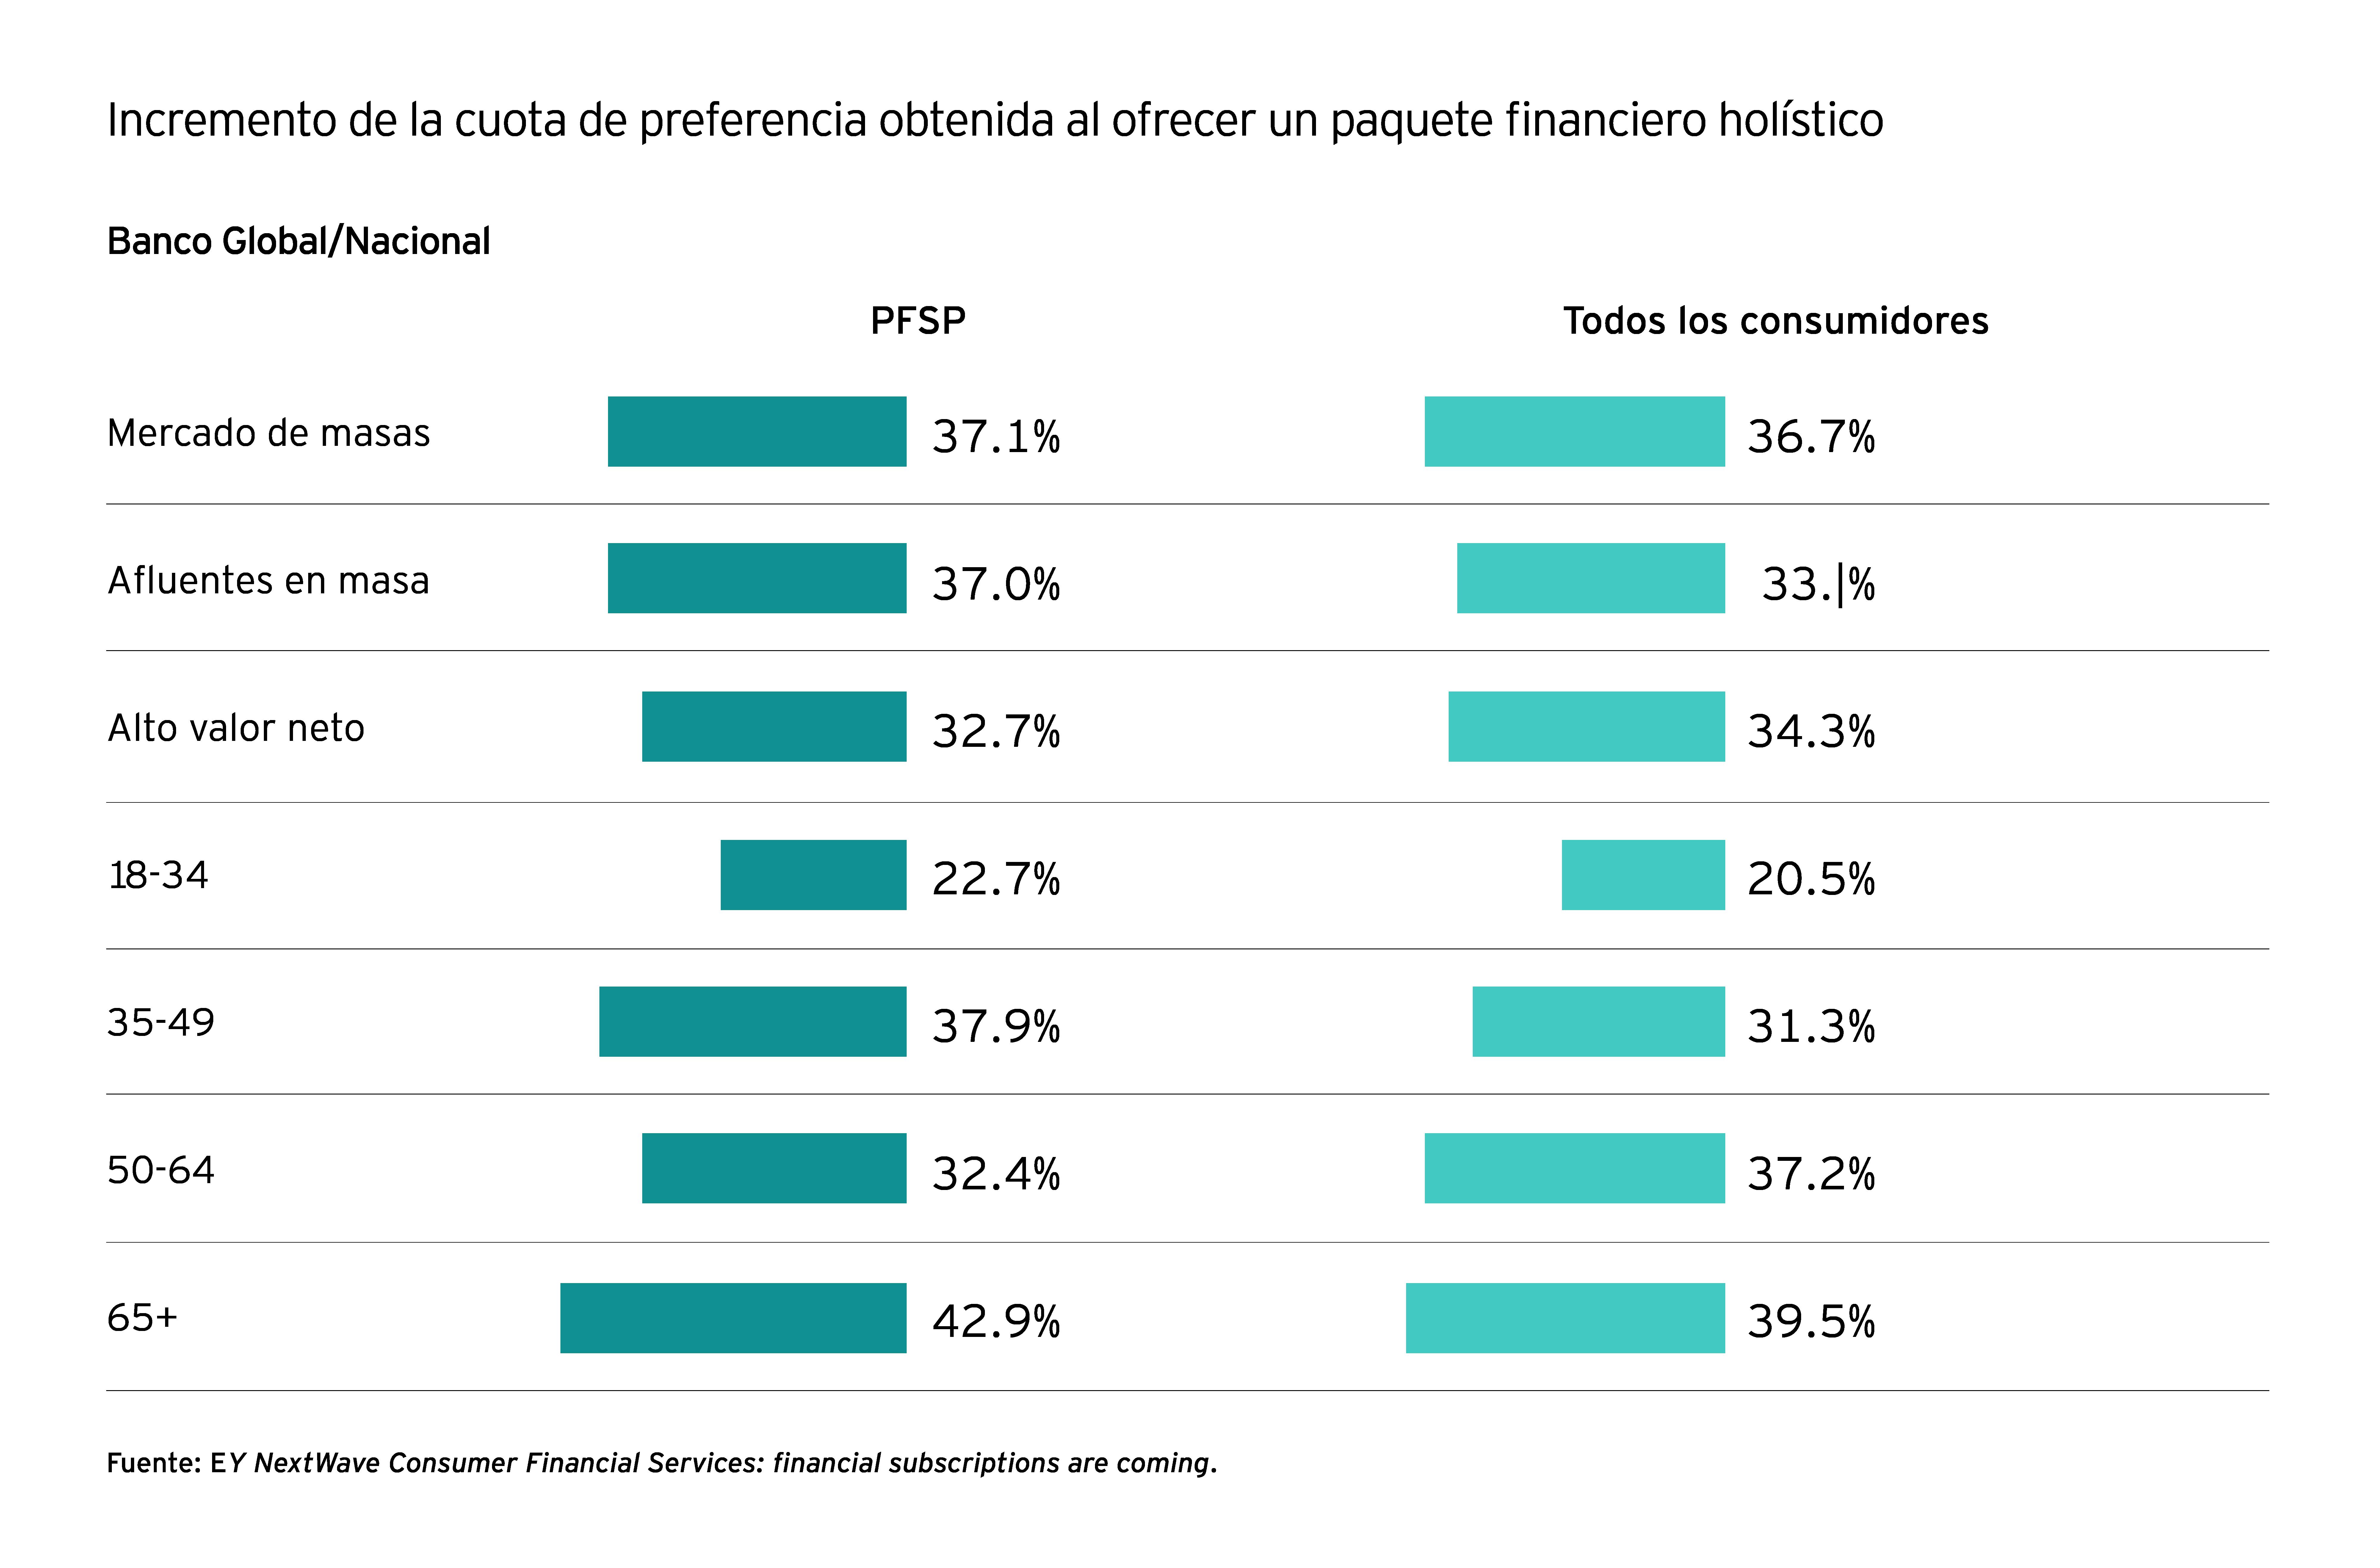 Incremento de la cuota de la tabla de preferencias